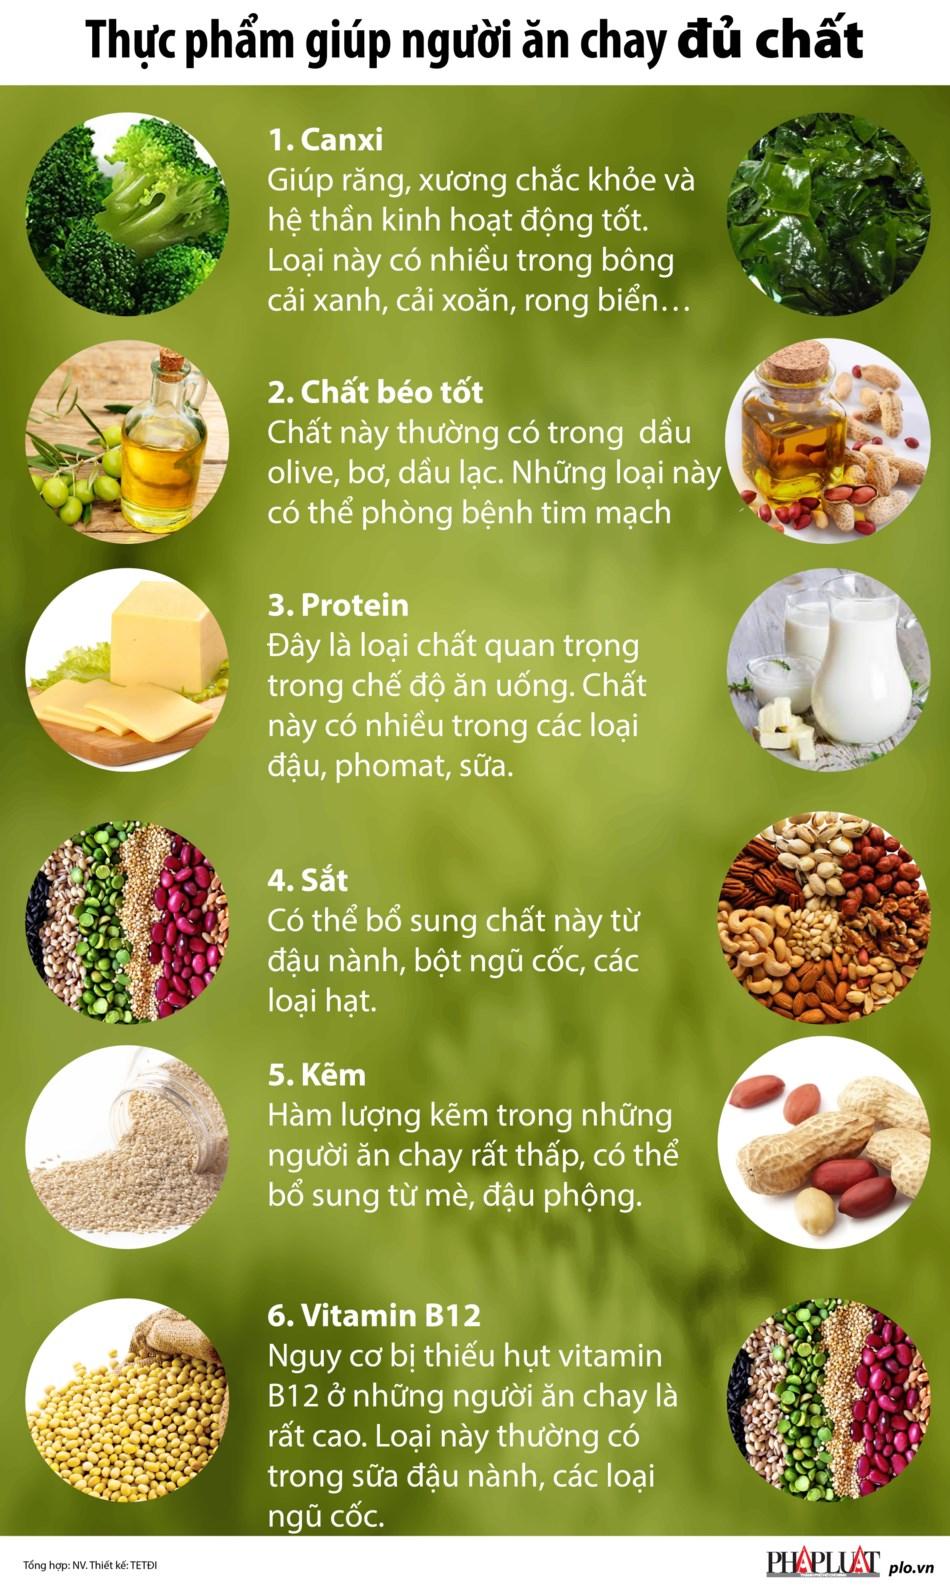 Thực phẩm giúp người ăn chay đủ chất